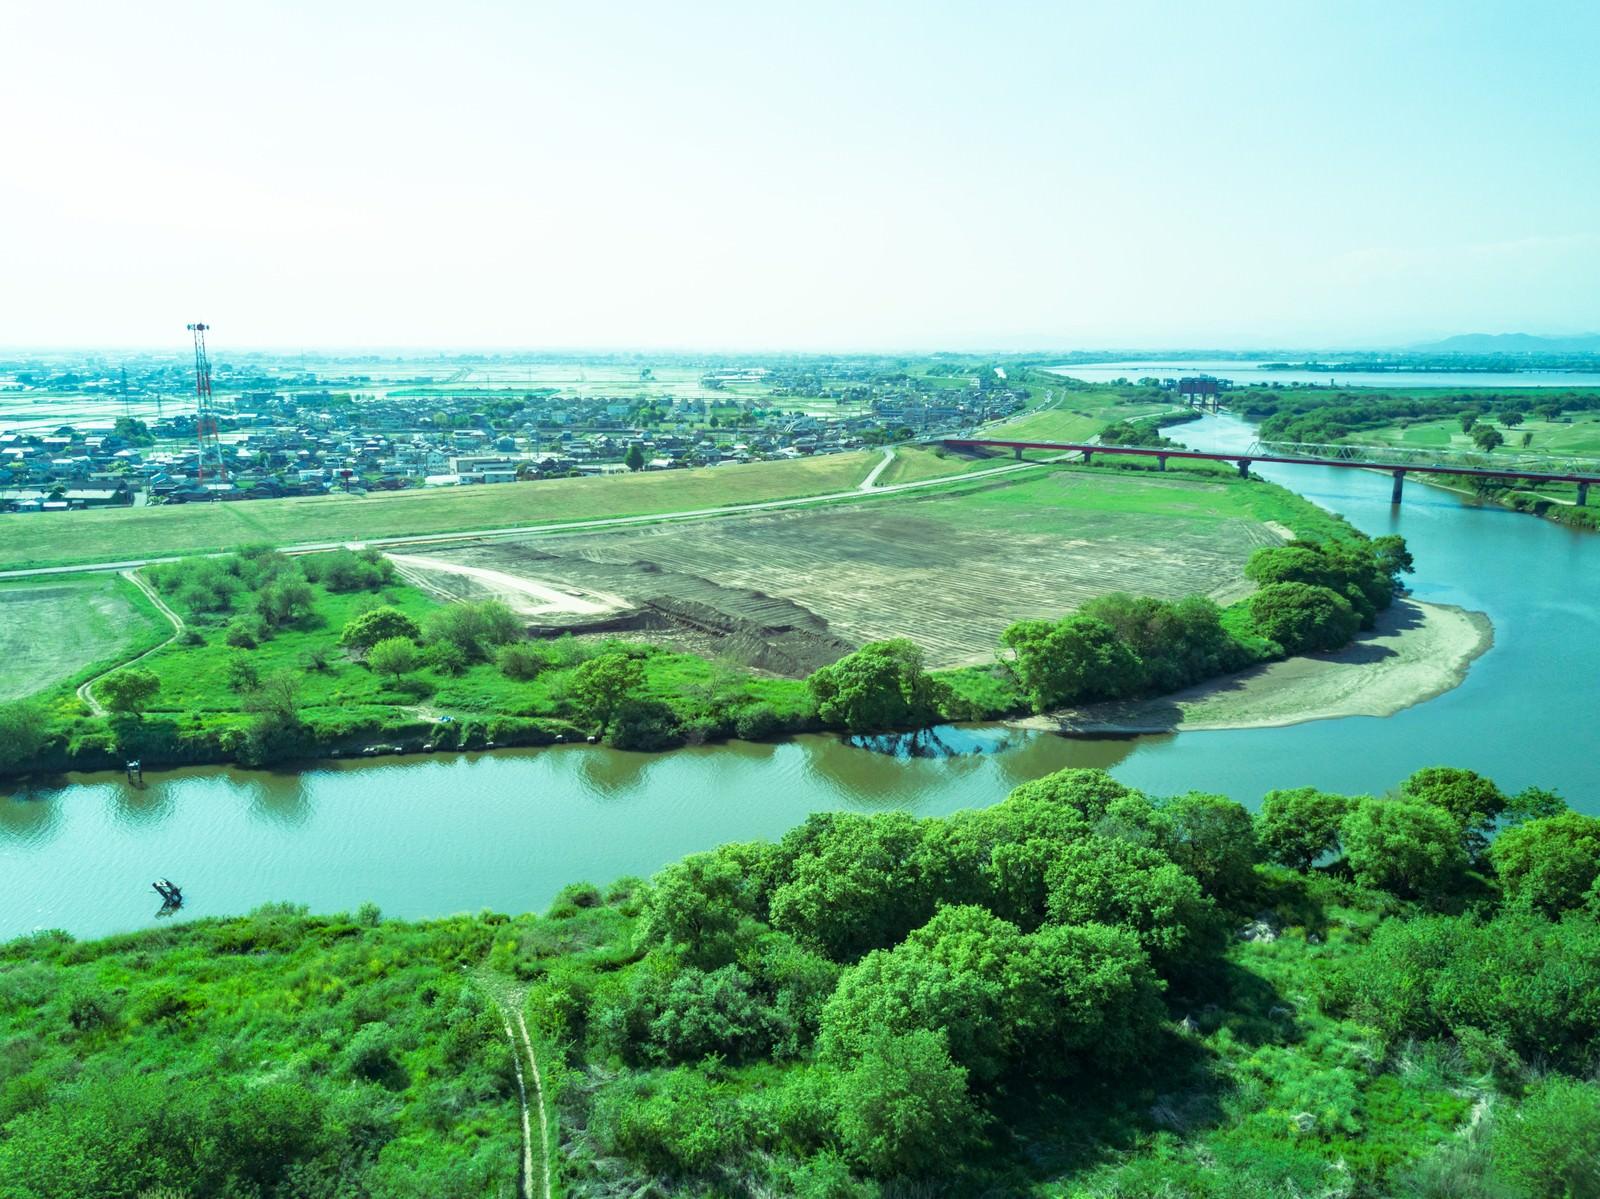 「流れが穏やかな渡良瀬川(下流) | 写真の無料素材・フリー素材 - ぱくたそ」の写真